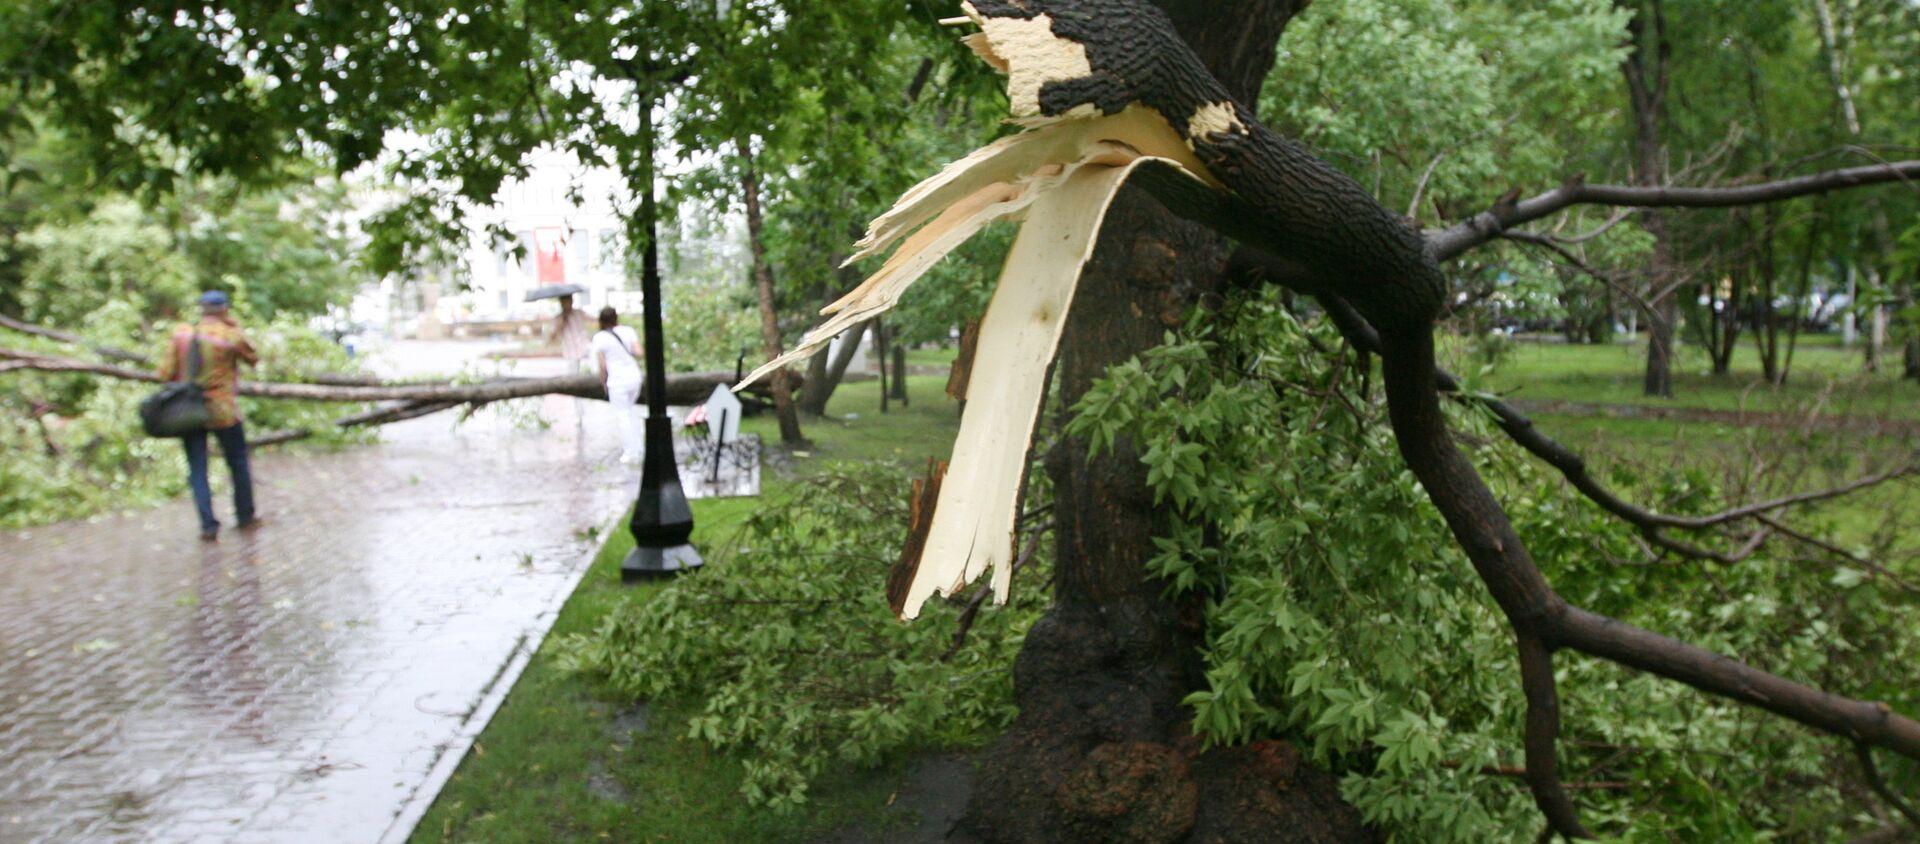 Гроза с сильным ветром и дождем прошла в Новосибирске - Sputnik Грузия, 1920, 10.05.2021